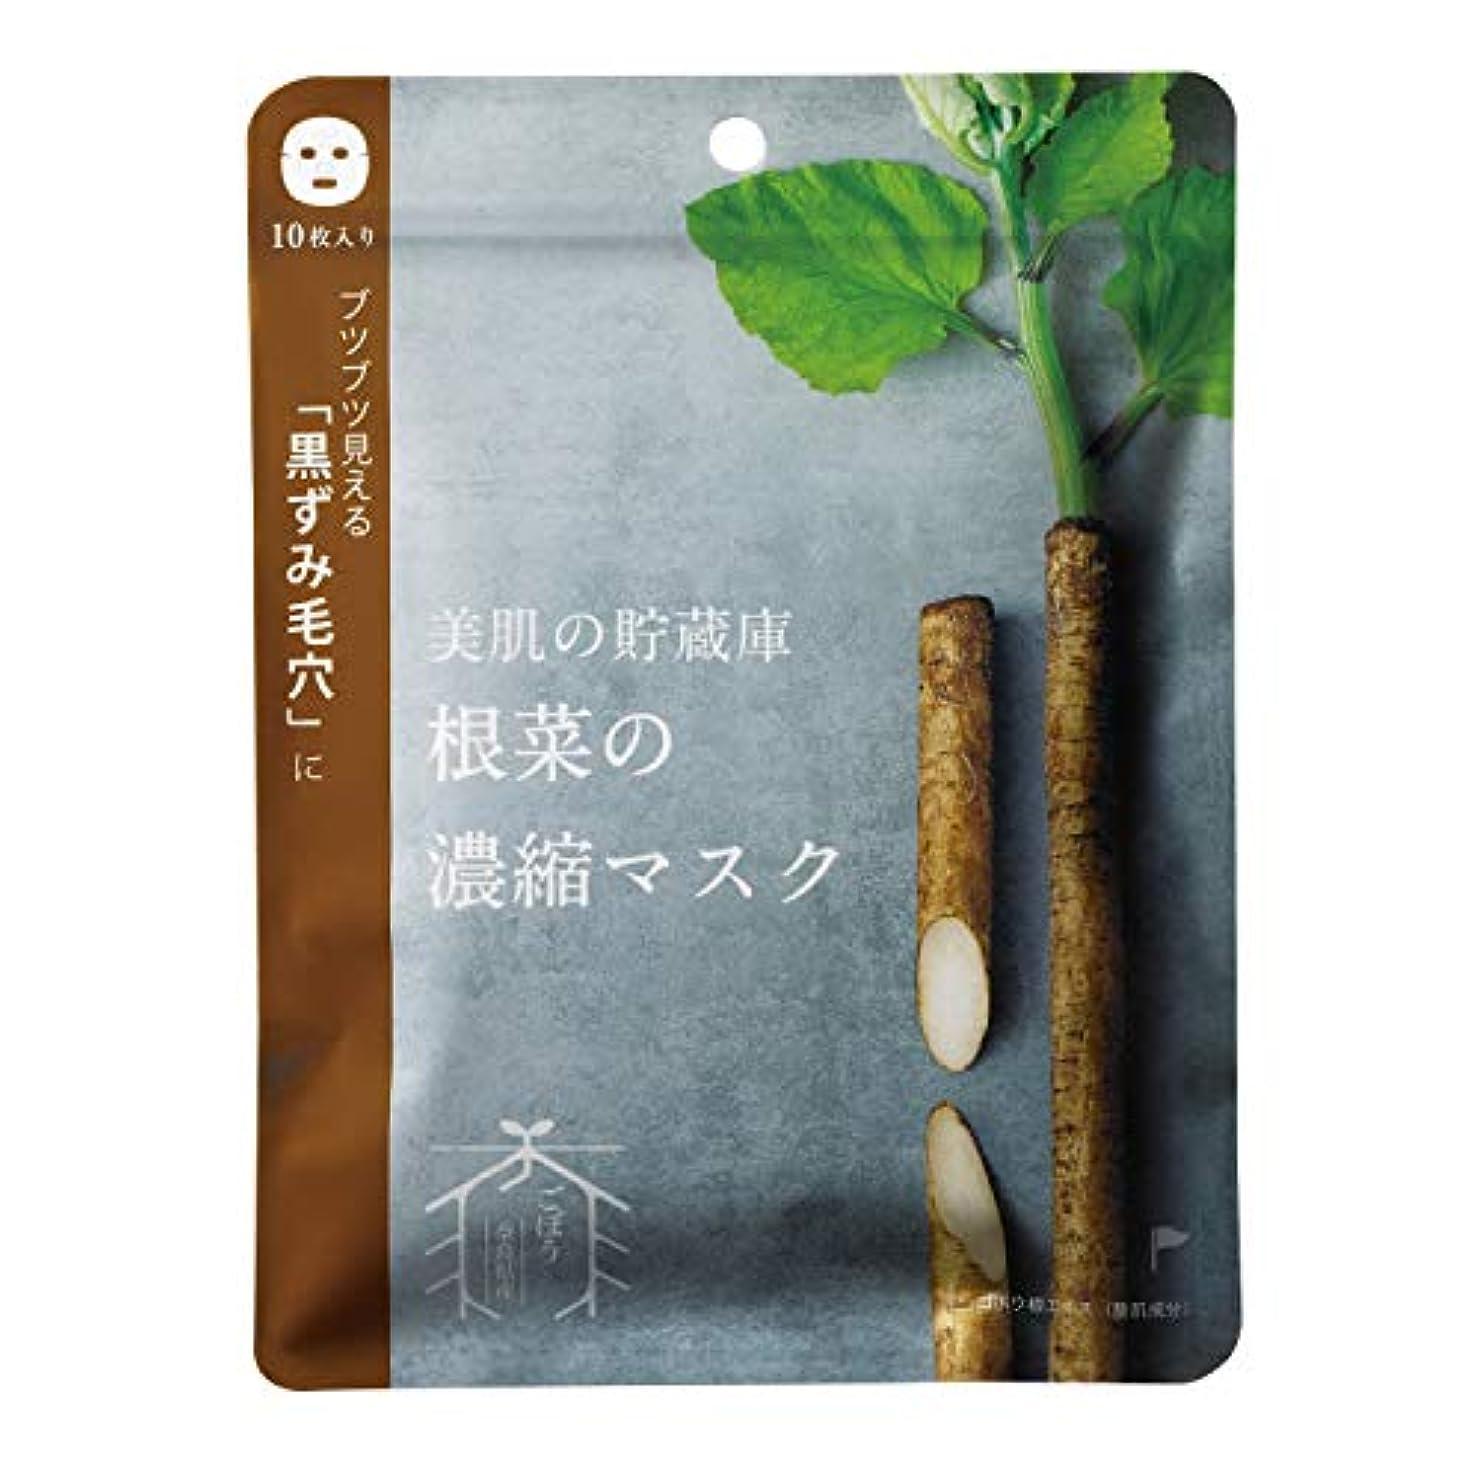 マンモスボーナスモーテル@cosme nippon 美肌の貯蔵庫 根菜の濃縮マスク 宇陀金ごぼう 10枚 160ml